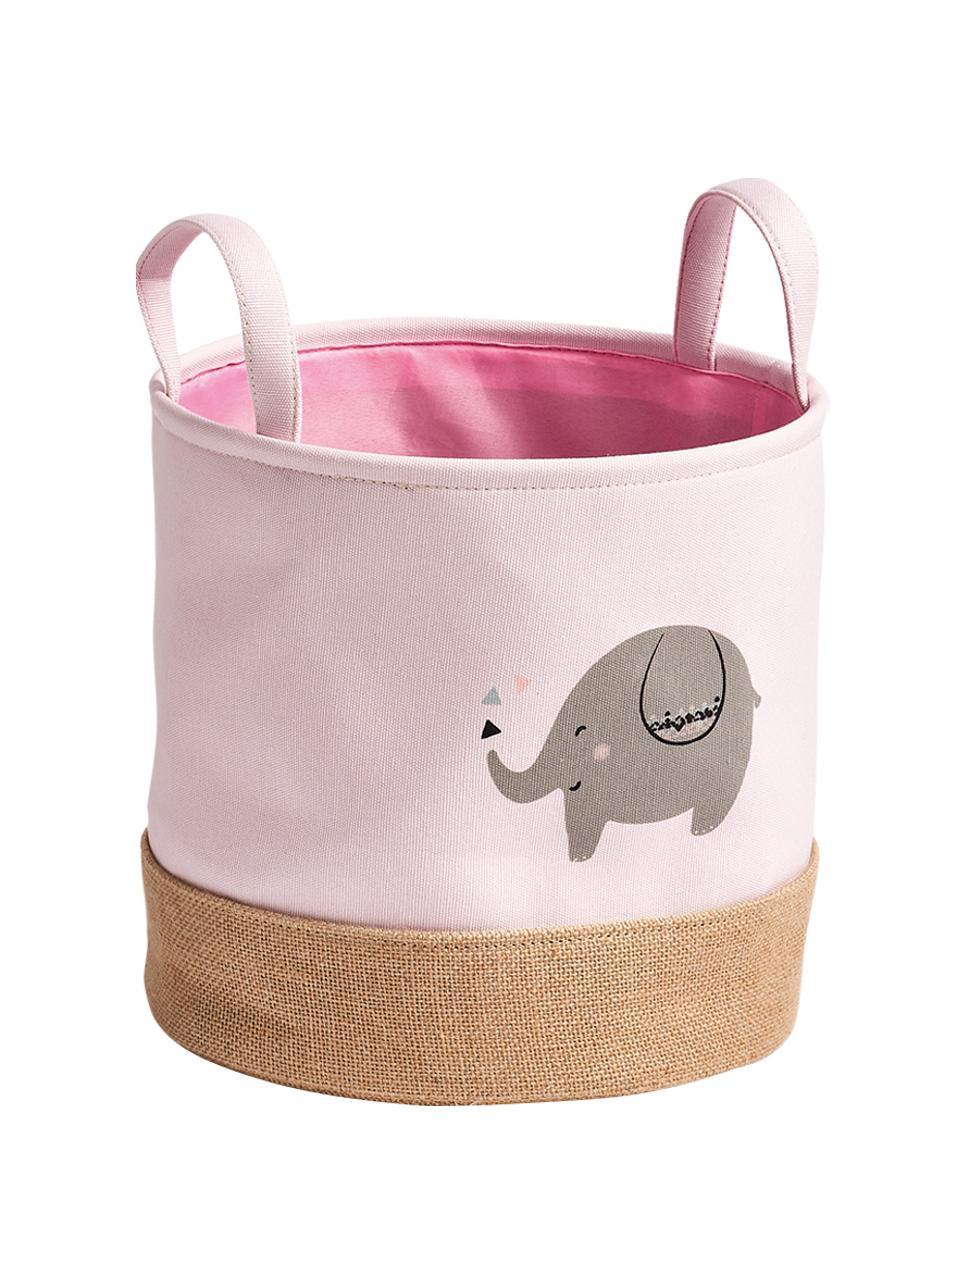 Panier de rangement enfant Elefant, Rose, gris, beige